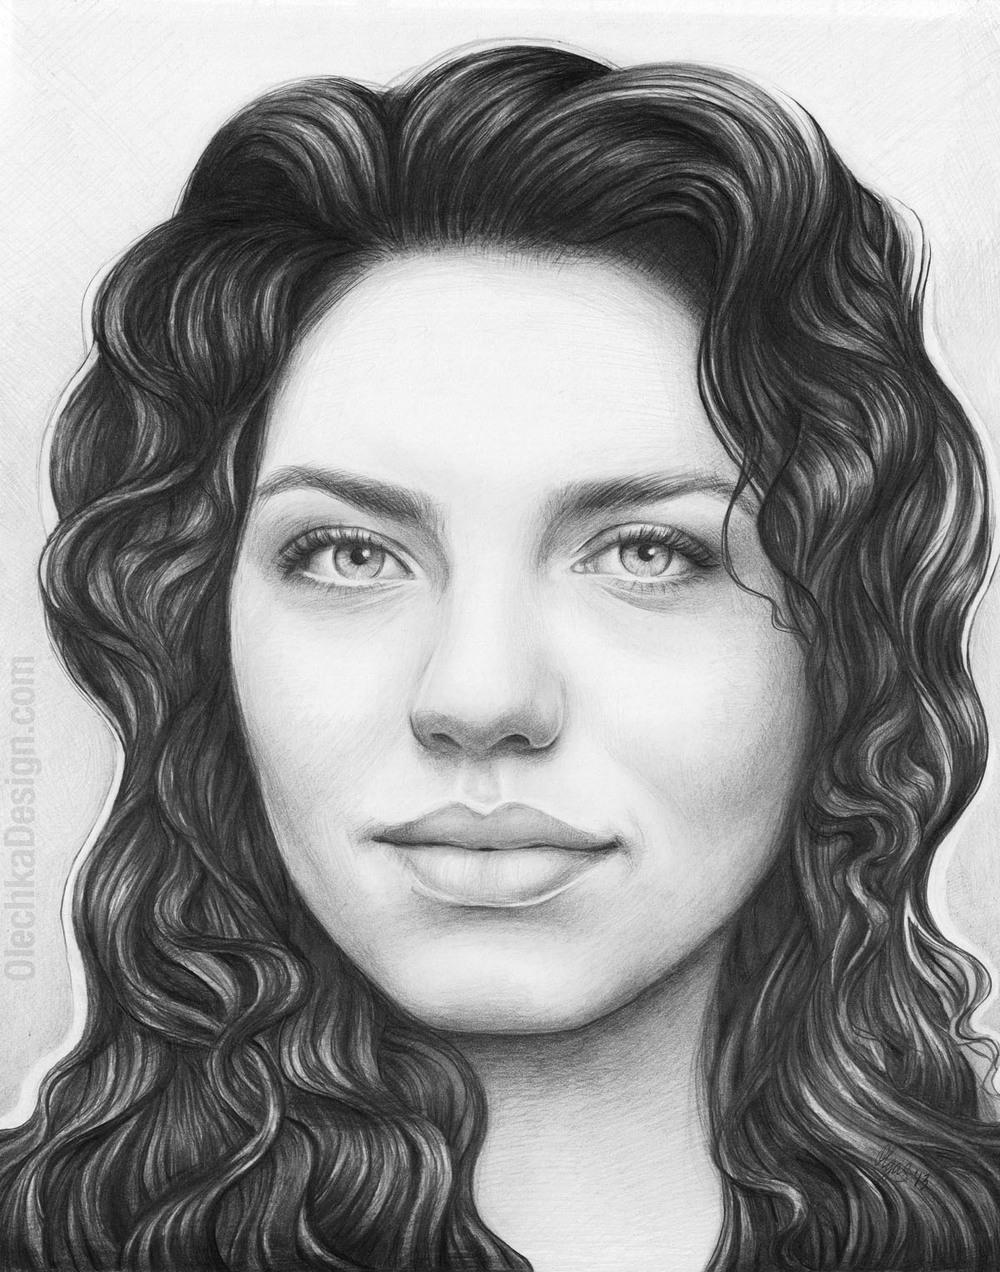 lina_drawing.jpg